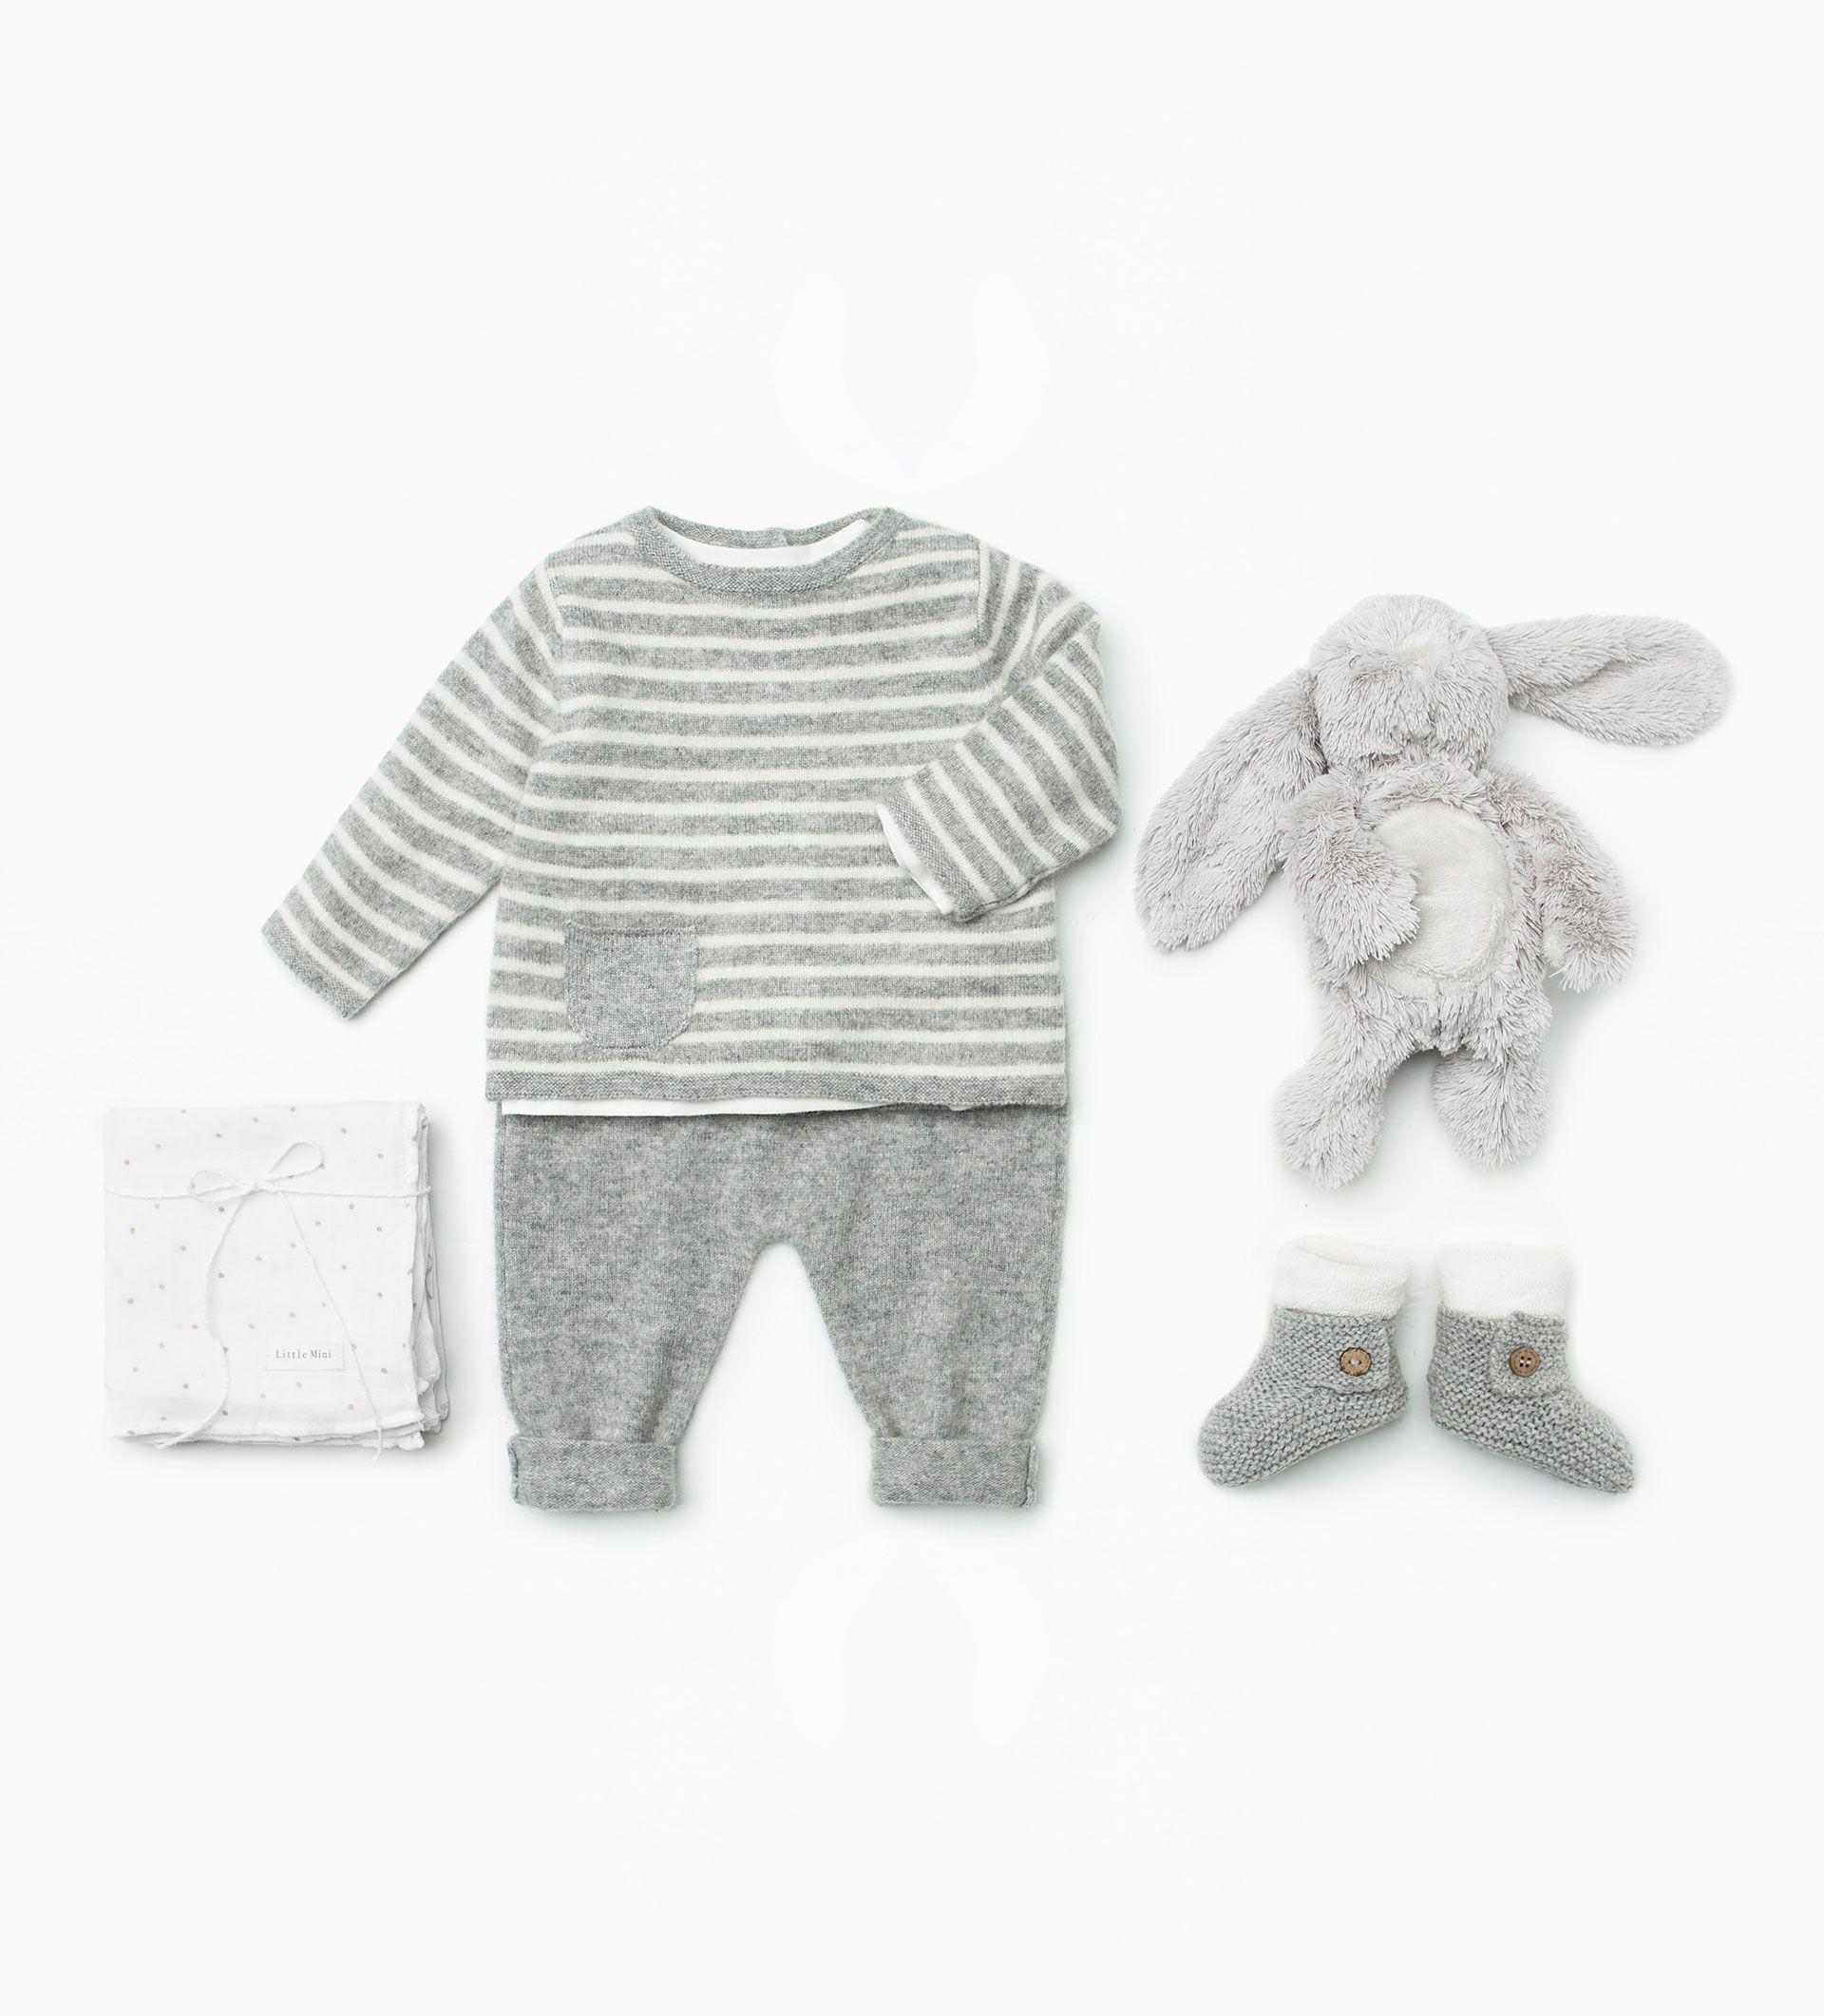 Nieuw Baby Shower - Mini | Newborn - 12 months - KIDS | ZARA United VN-54